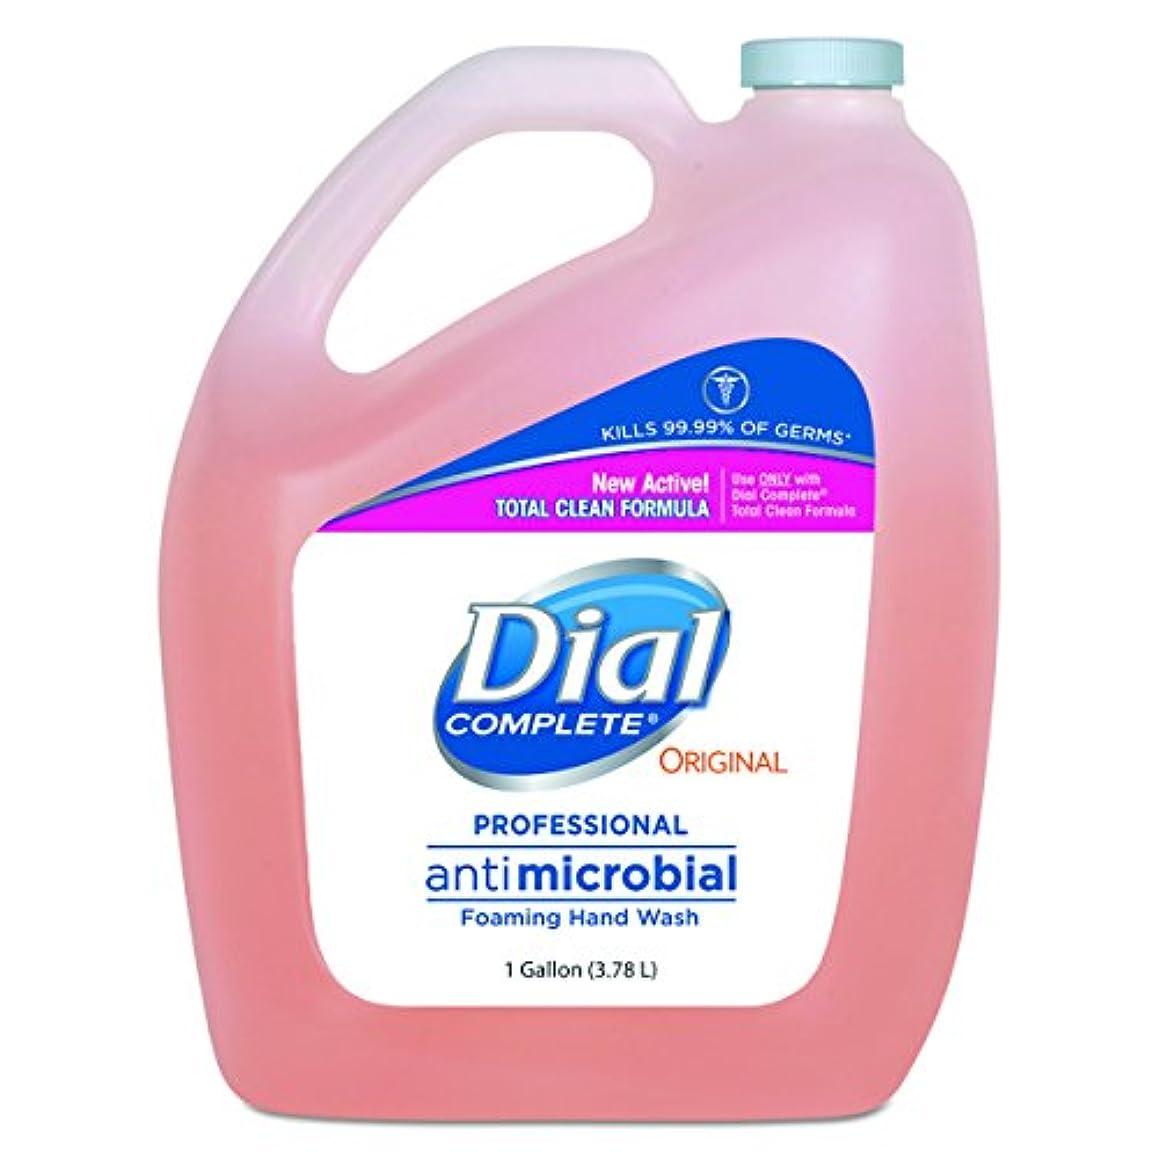 引き出し毒宇宙ダイヤルProfessional抗菌Foaming Hand Soap、元香り, 1 gal。、4 /カートン